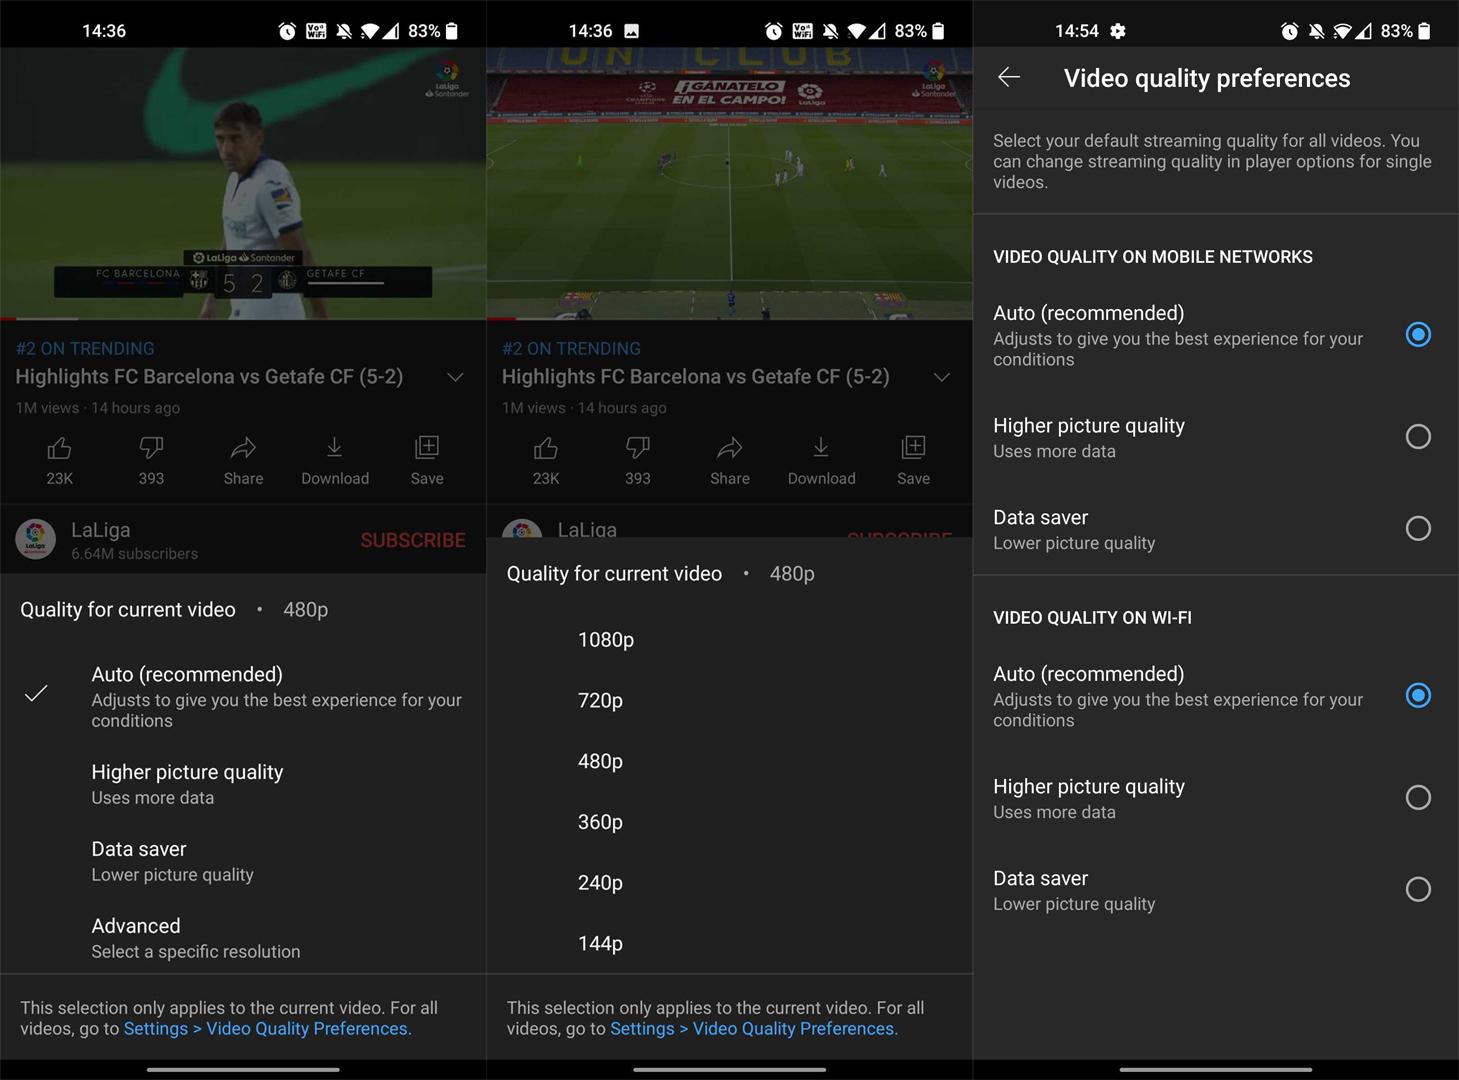 Opciones de calidad de video de YouTube amigables con los datos 3